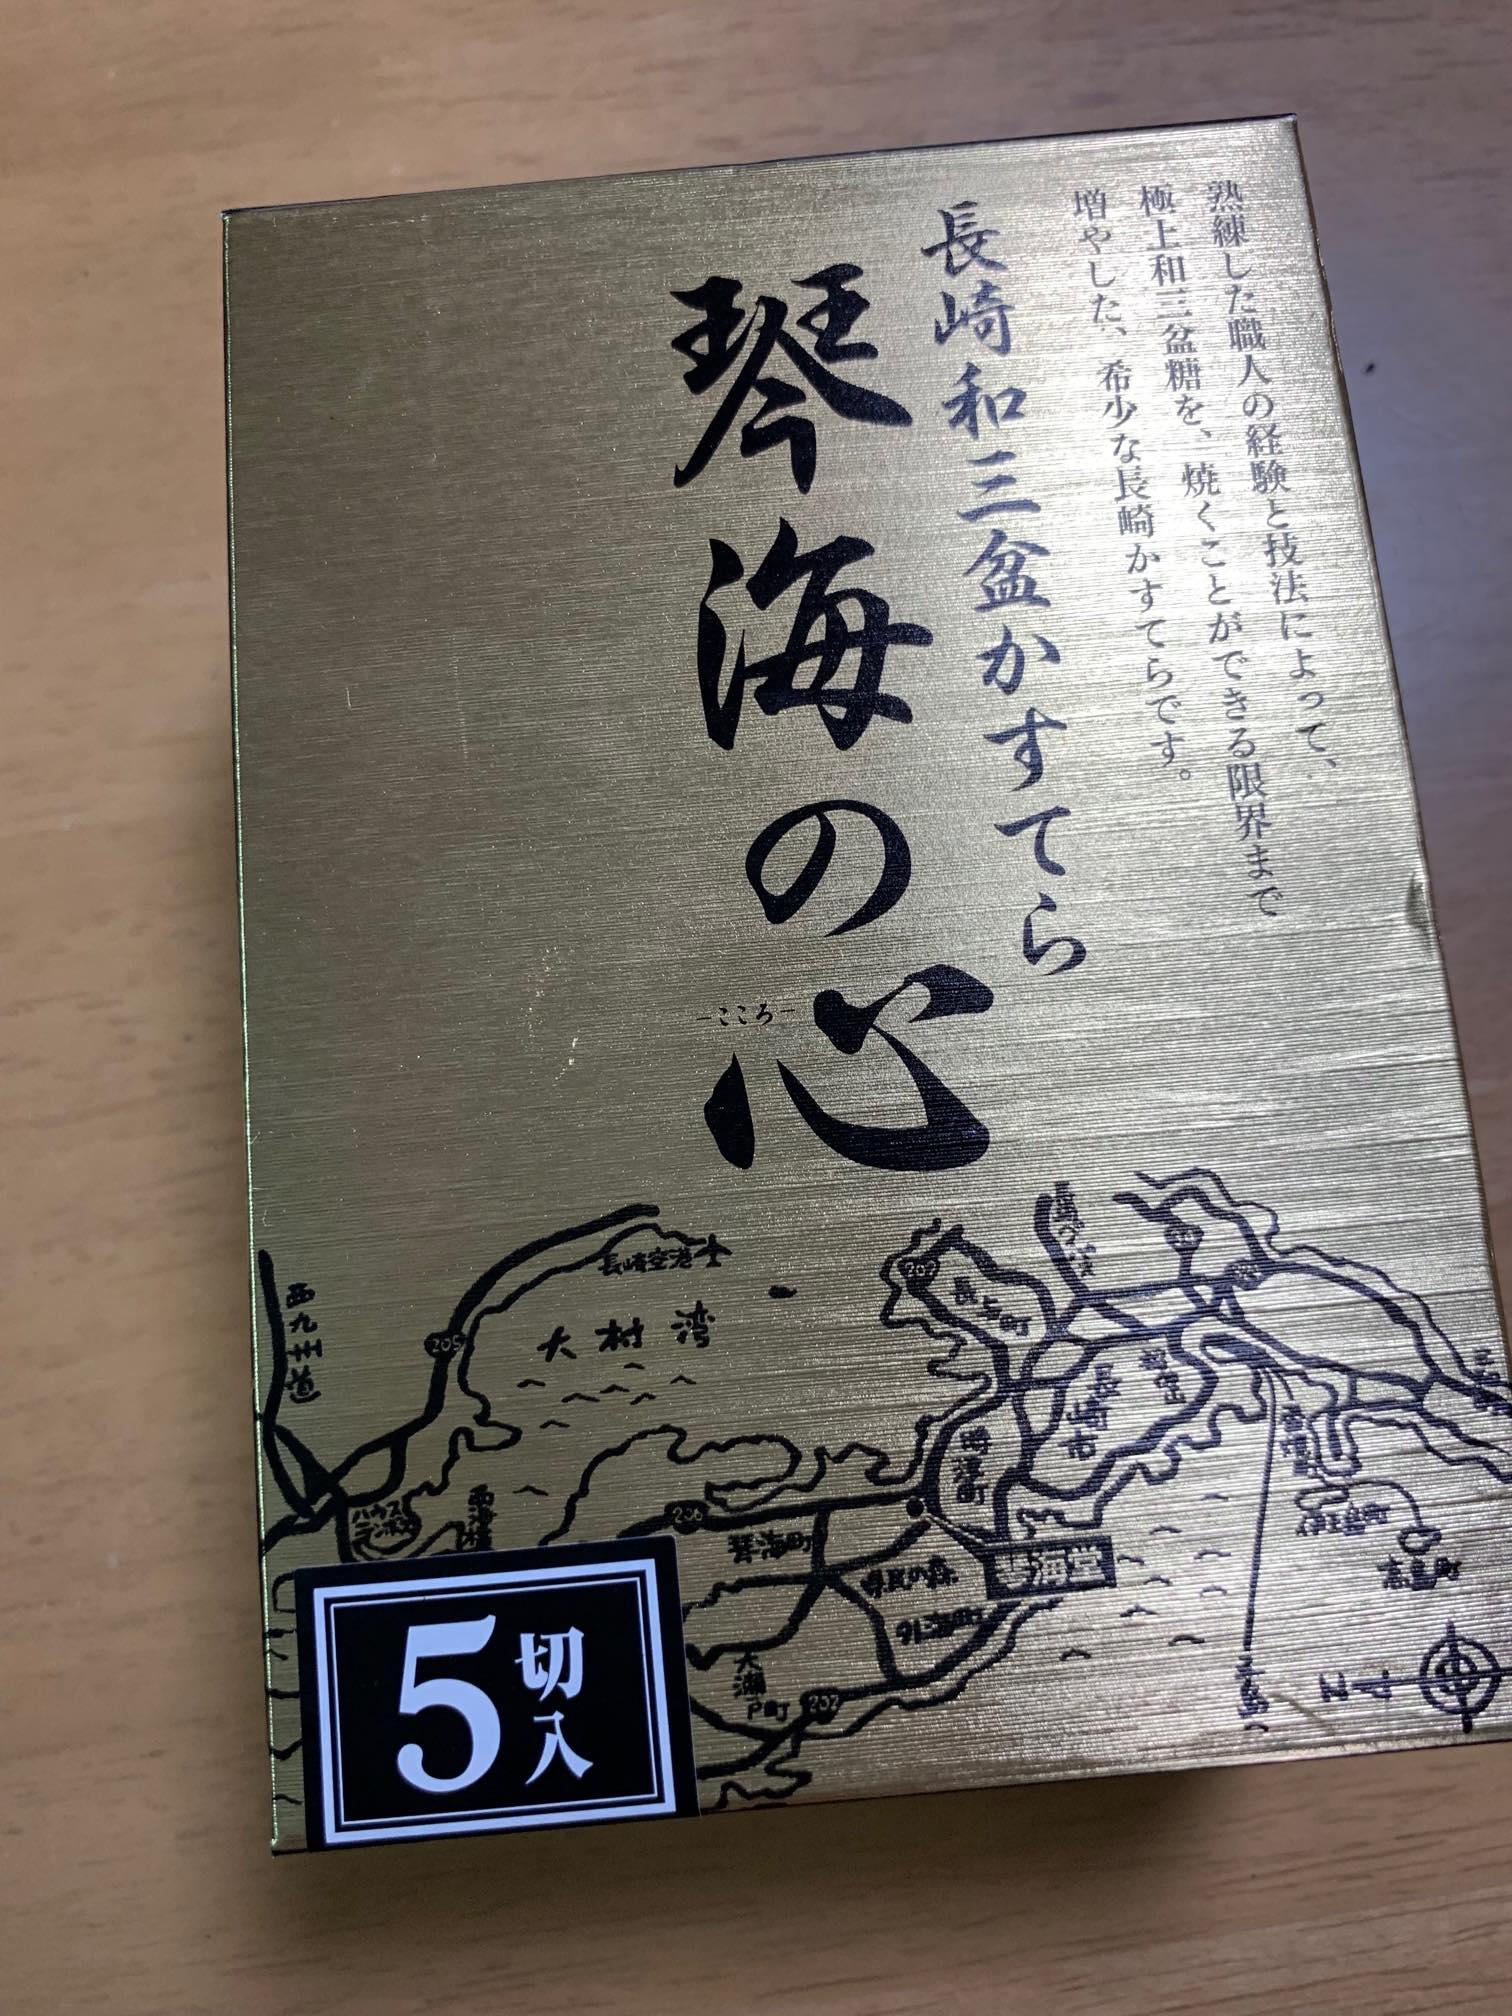 堂 長崎 カステラ 琴海